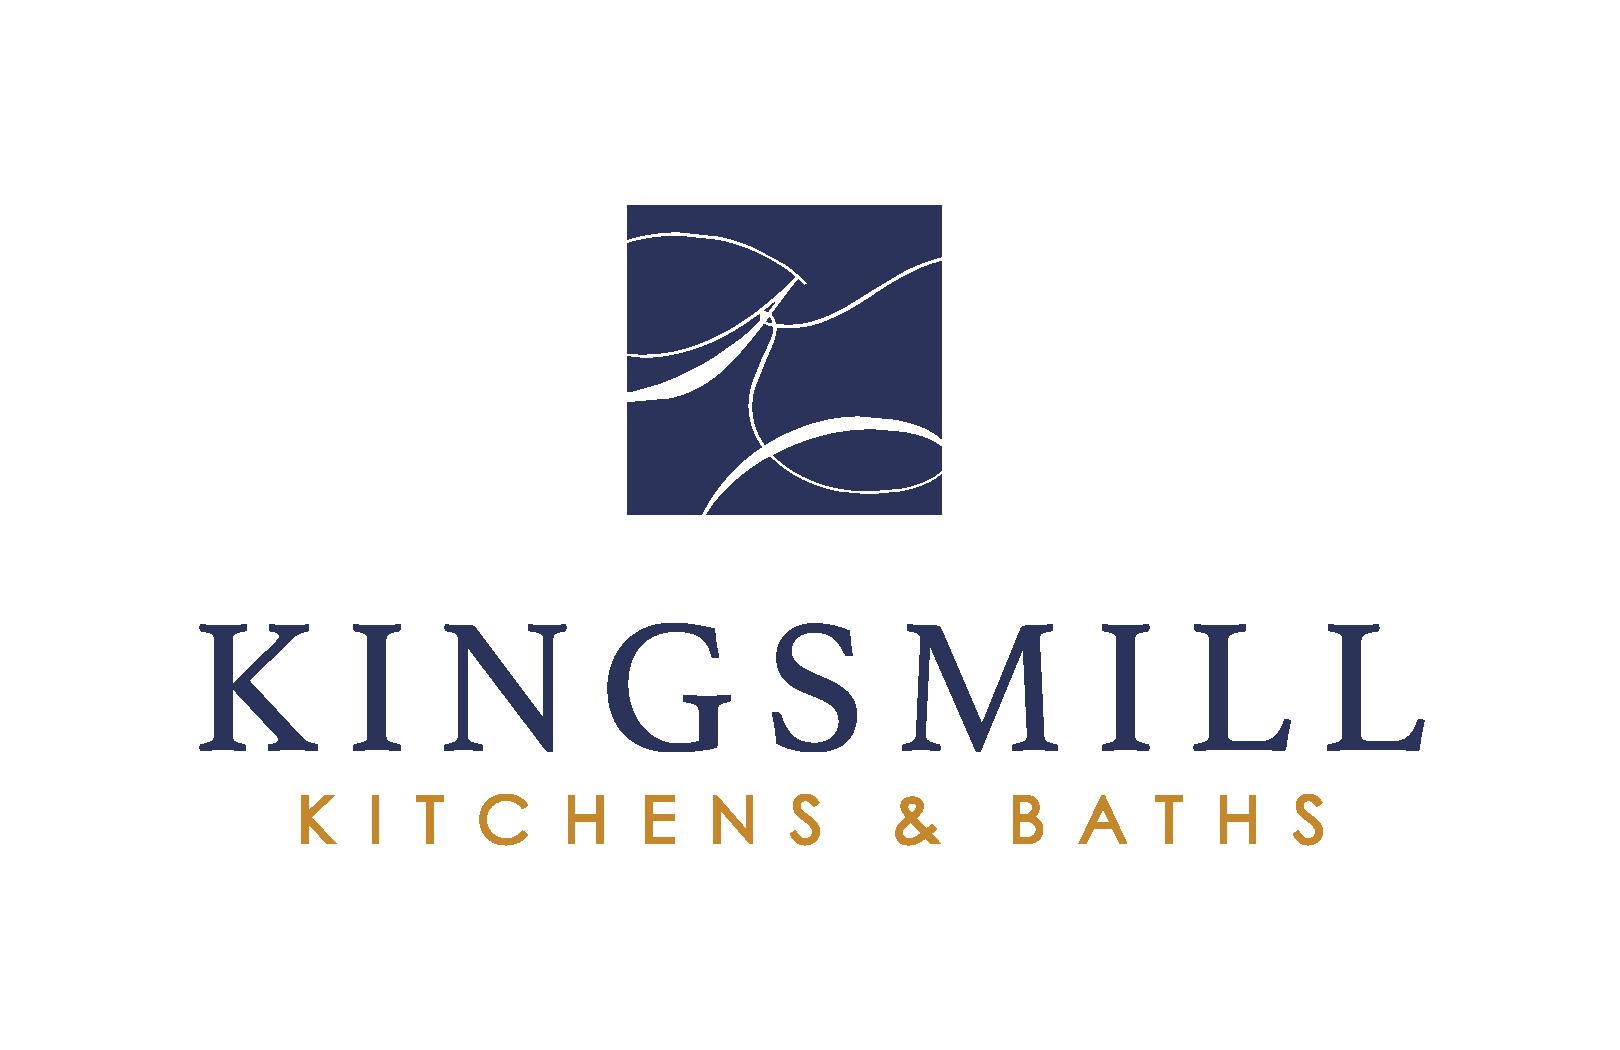 Kingsmill-logo-blue-01.png